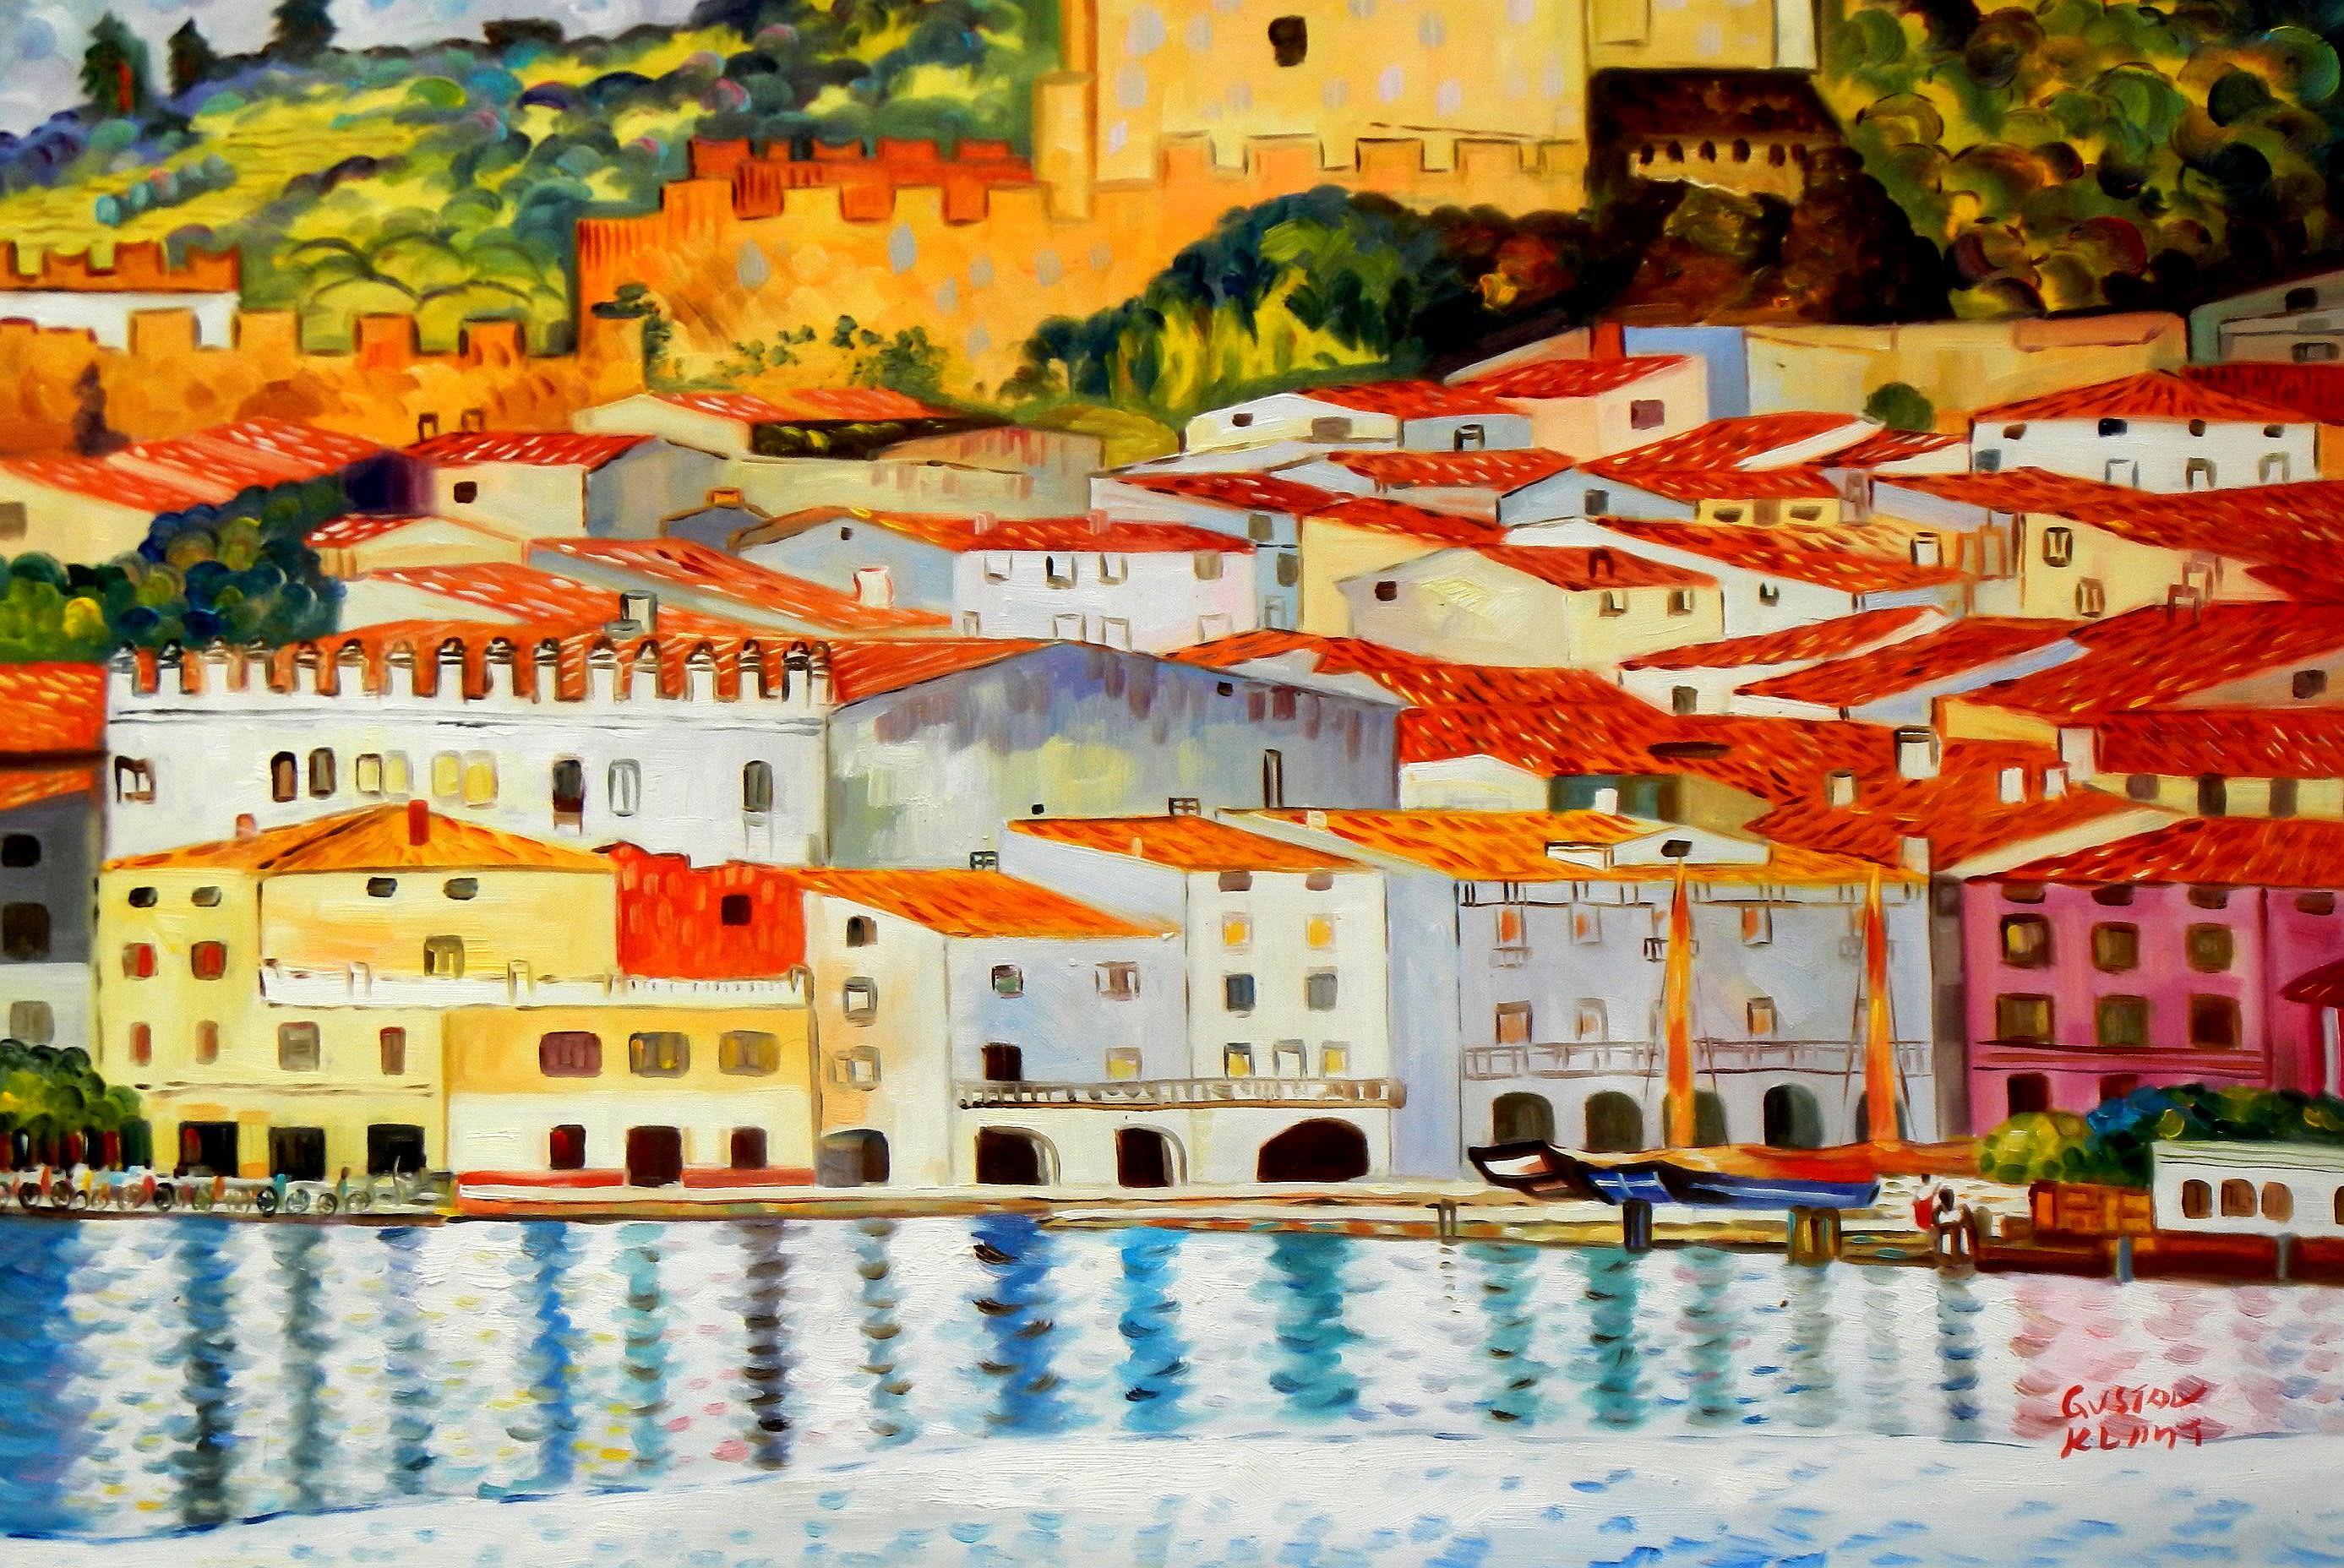 Gustav Klimt - Malcesine am Gardasee d93368 60x90cm Ölbild handgemalt